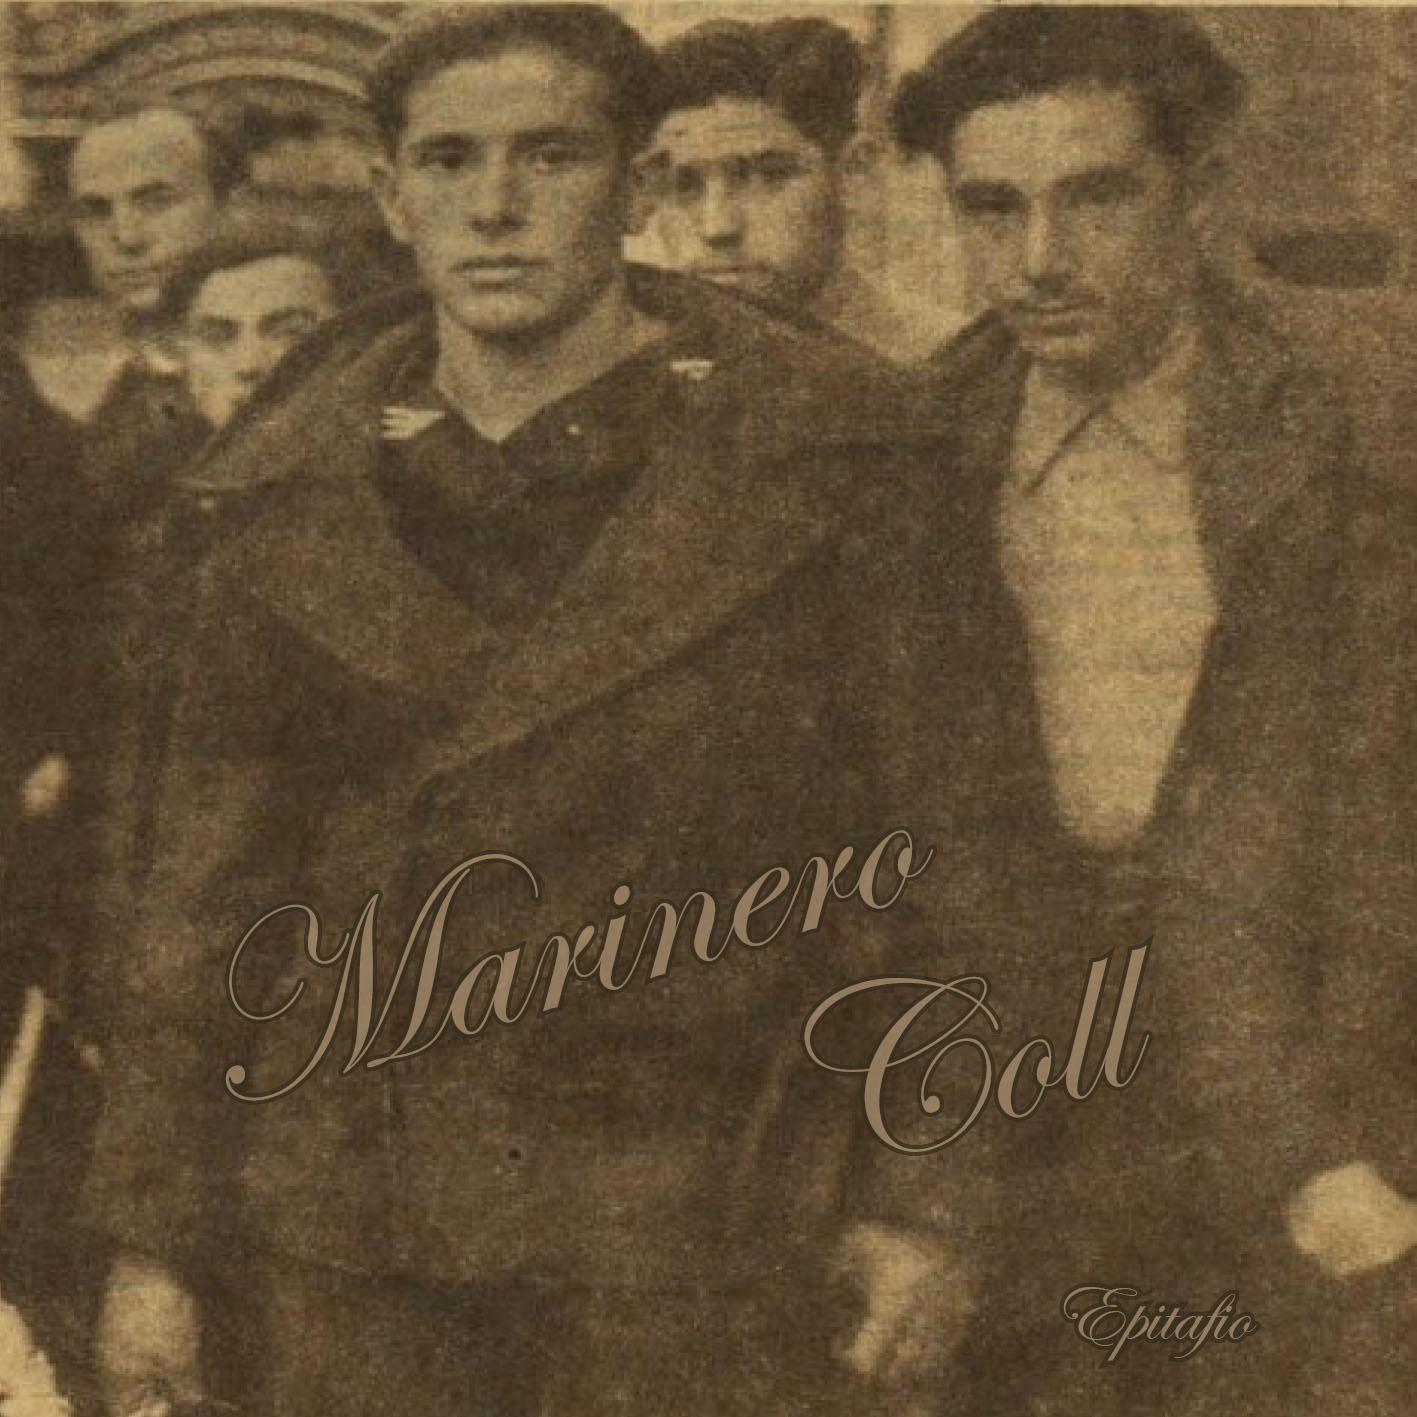 MARINERO COLL – EPITAFIO